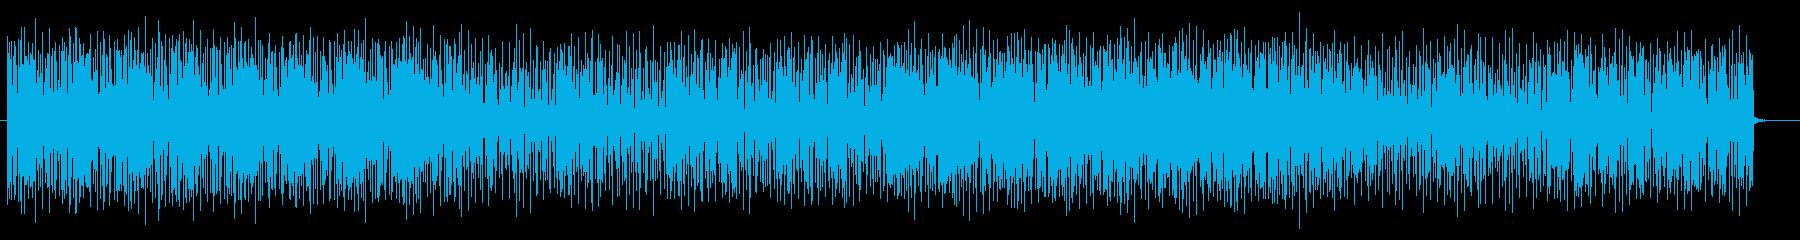 リズミカルなヒップホップ系テクノポップの再生済みの波形